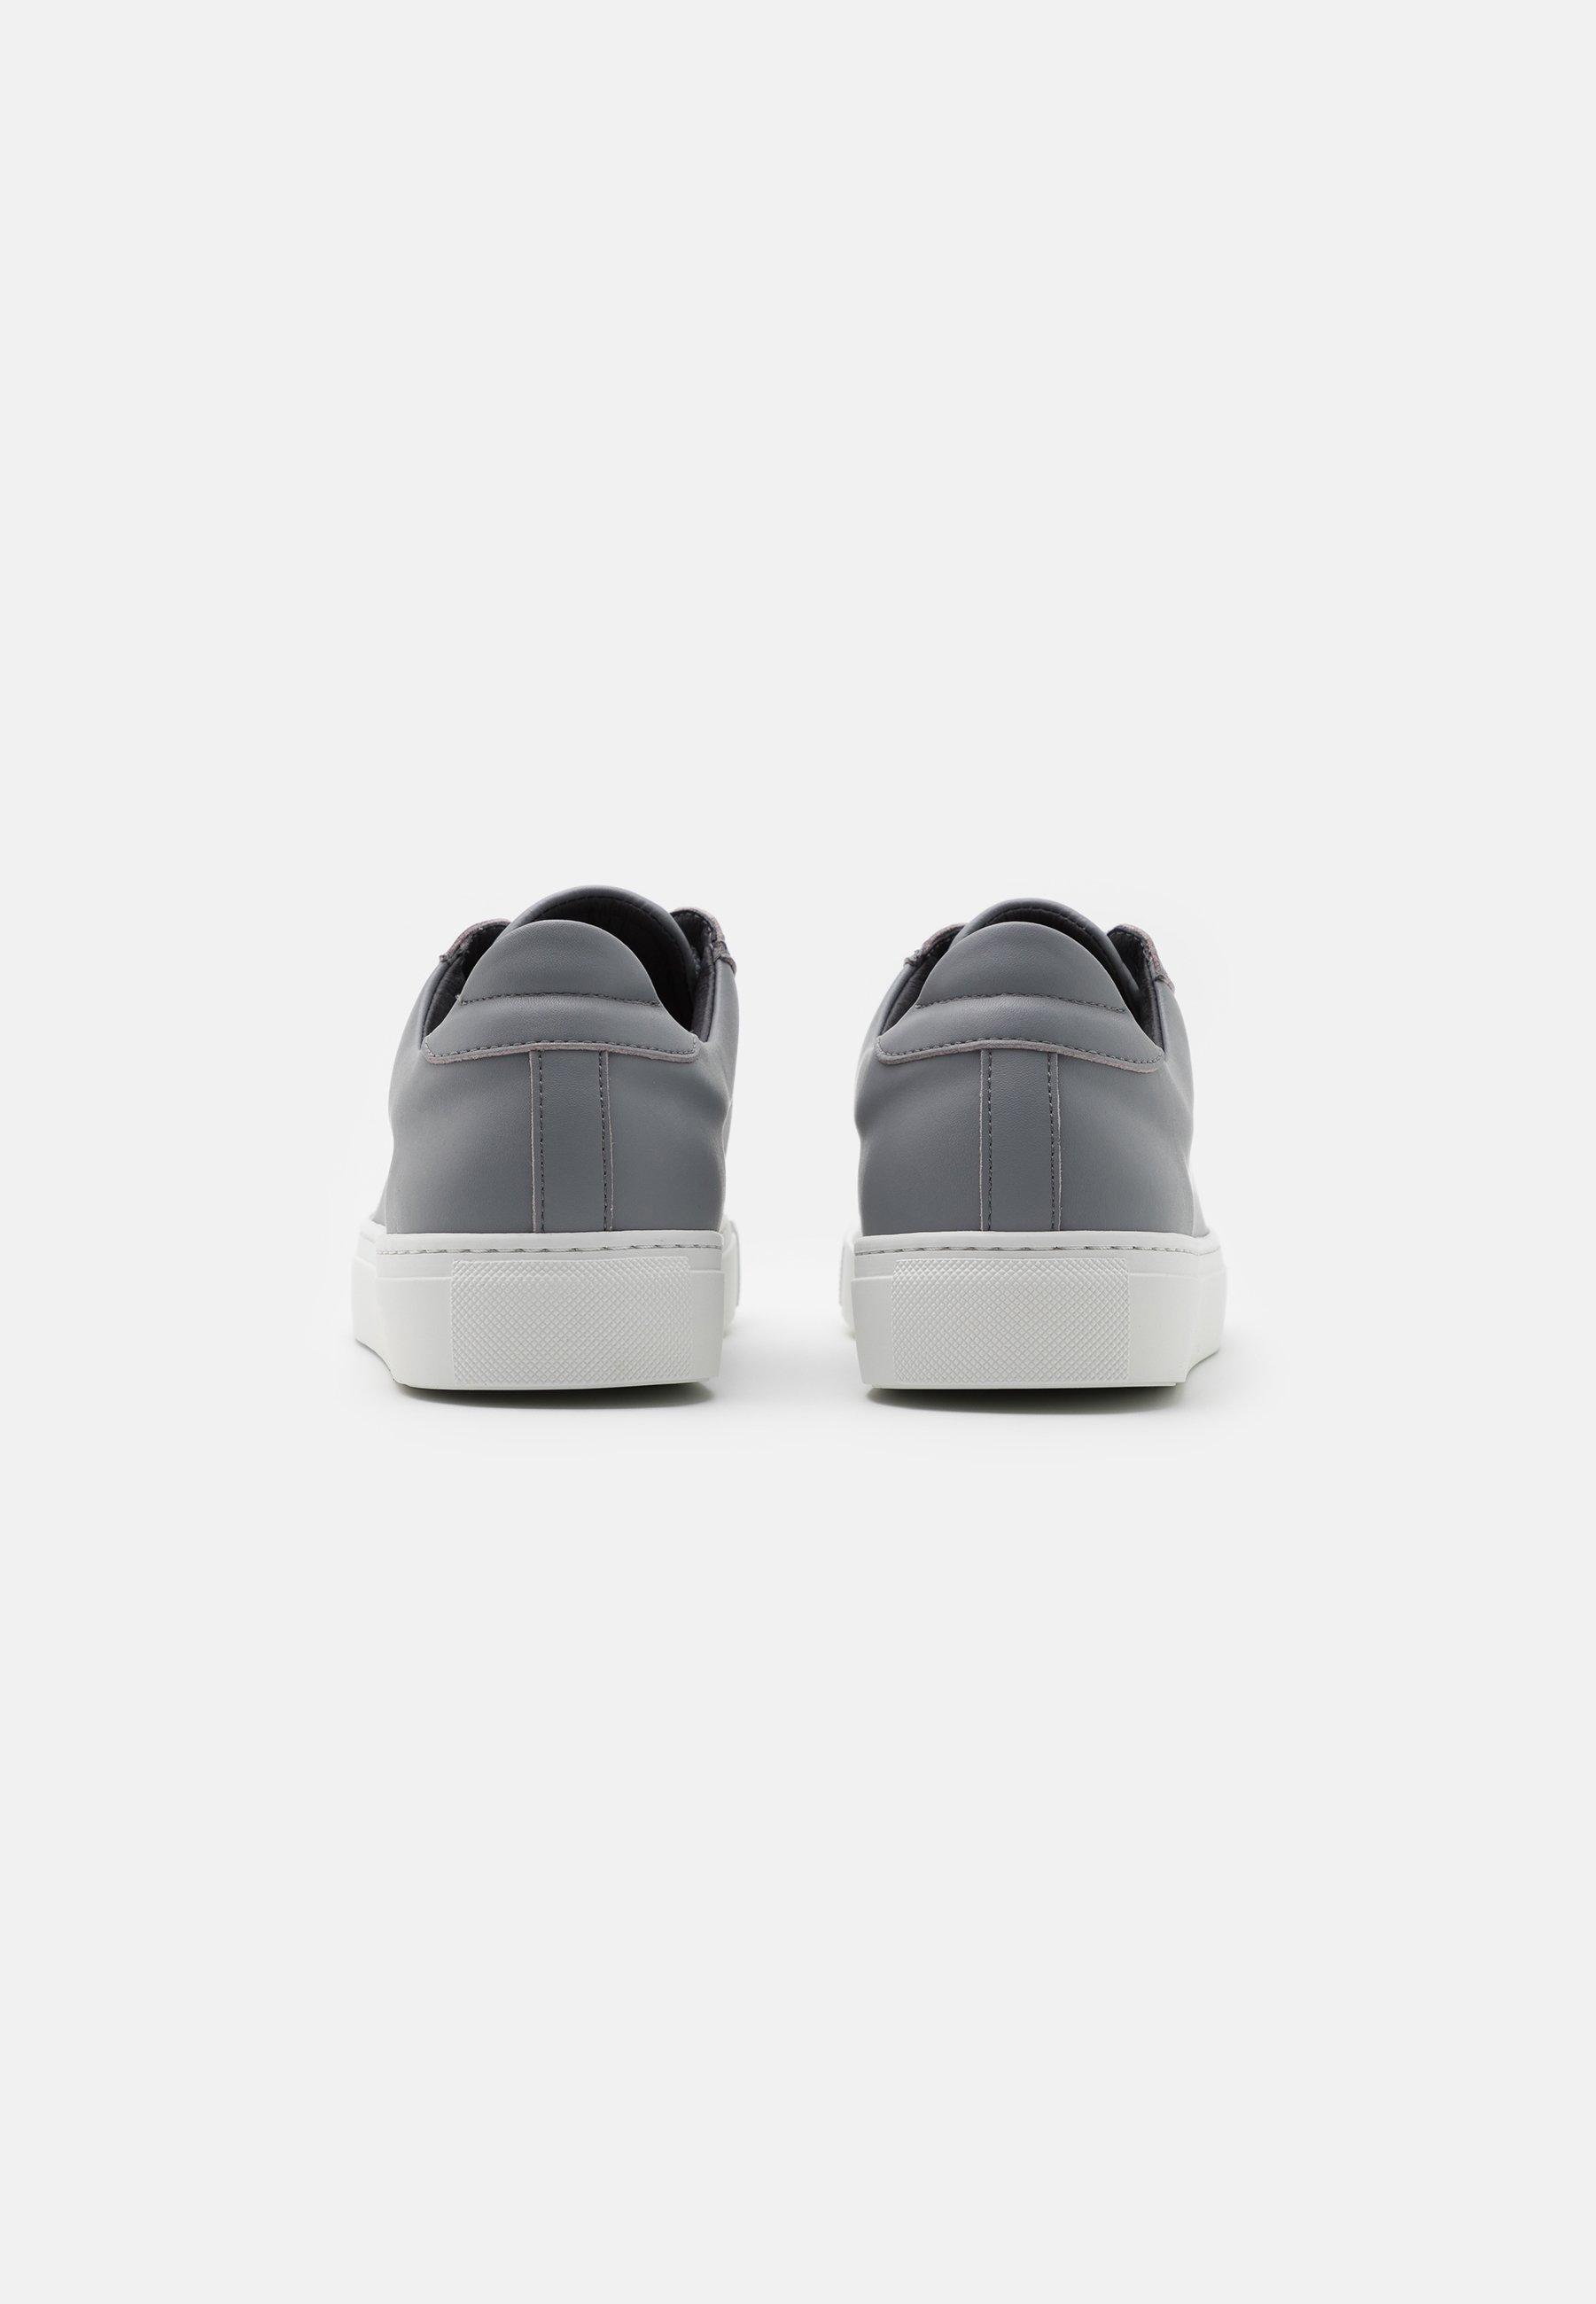 GARMENT PROJECT TYPE VEGAN - Sneaker low - grey/dunkelgrau - Herrenschuhe 9deSj